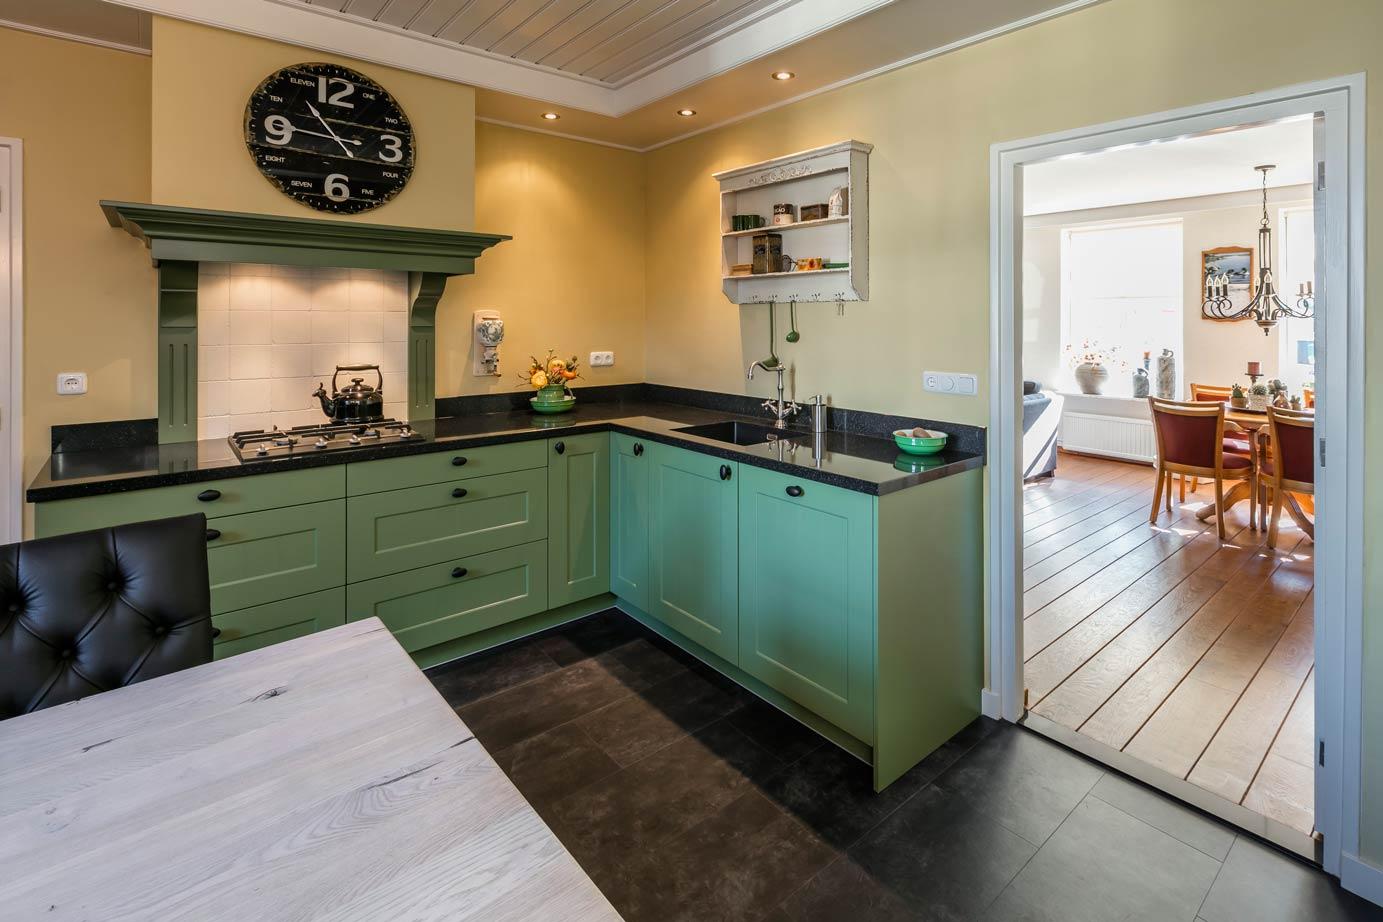 Keuken Kleine Kleur : Welke kleur wordt uw keuken bekijk alle mogelijkheden adee